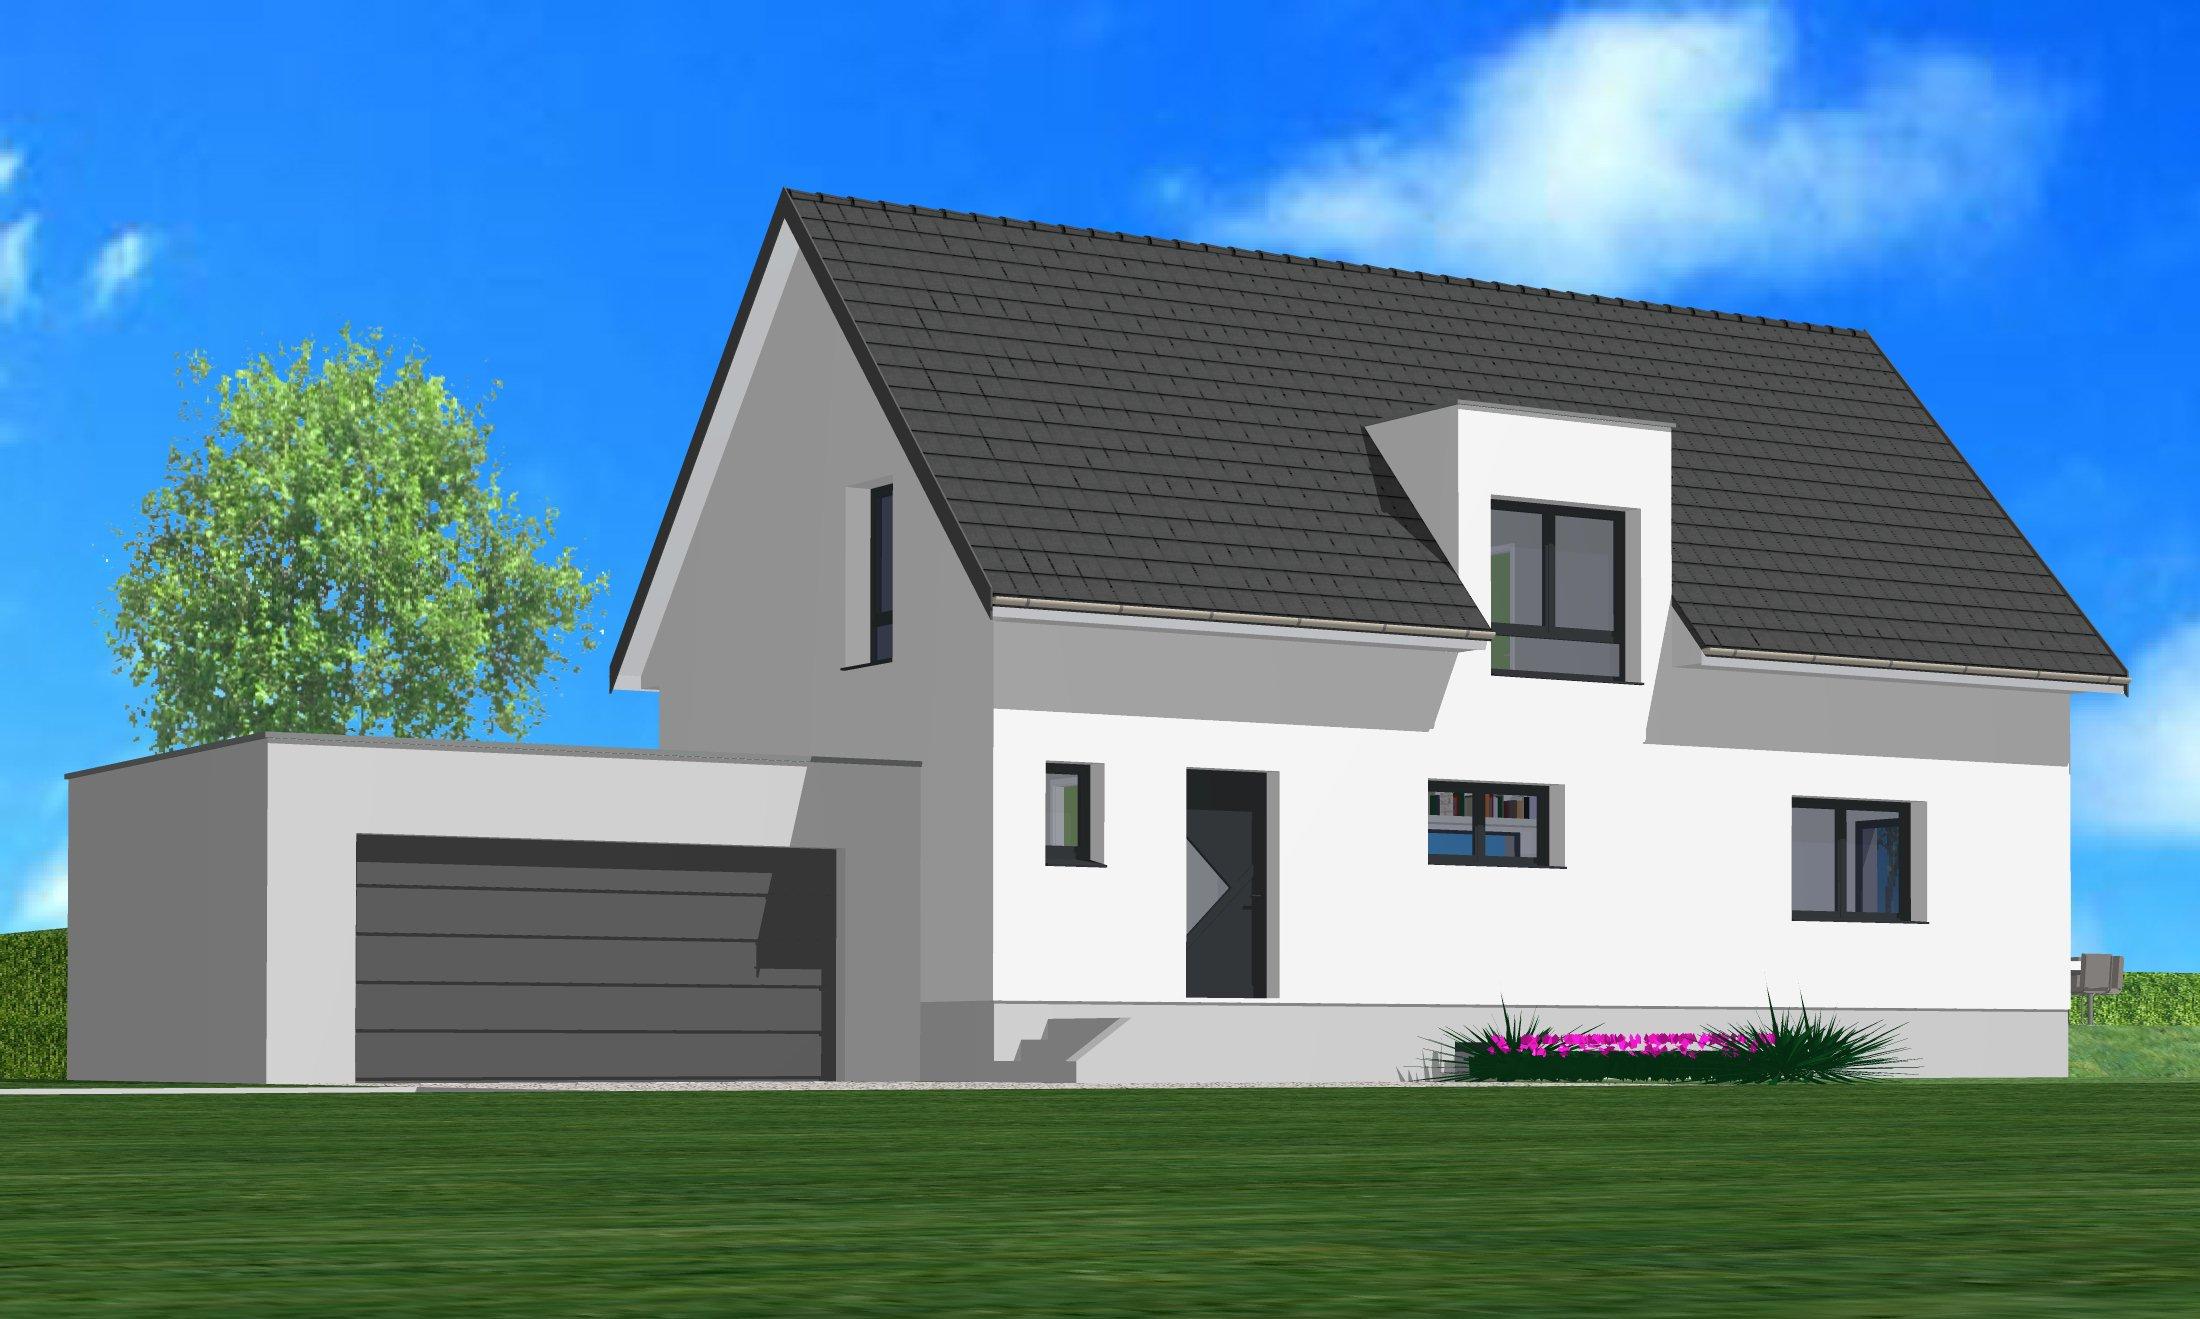 Maisons du constructeur CREAGES • 125 m² • ROSENAU